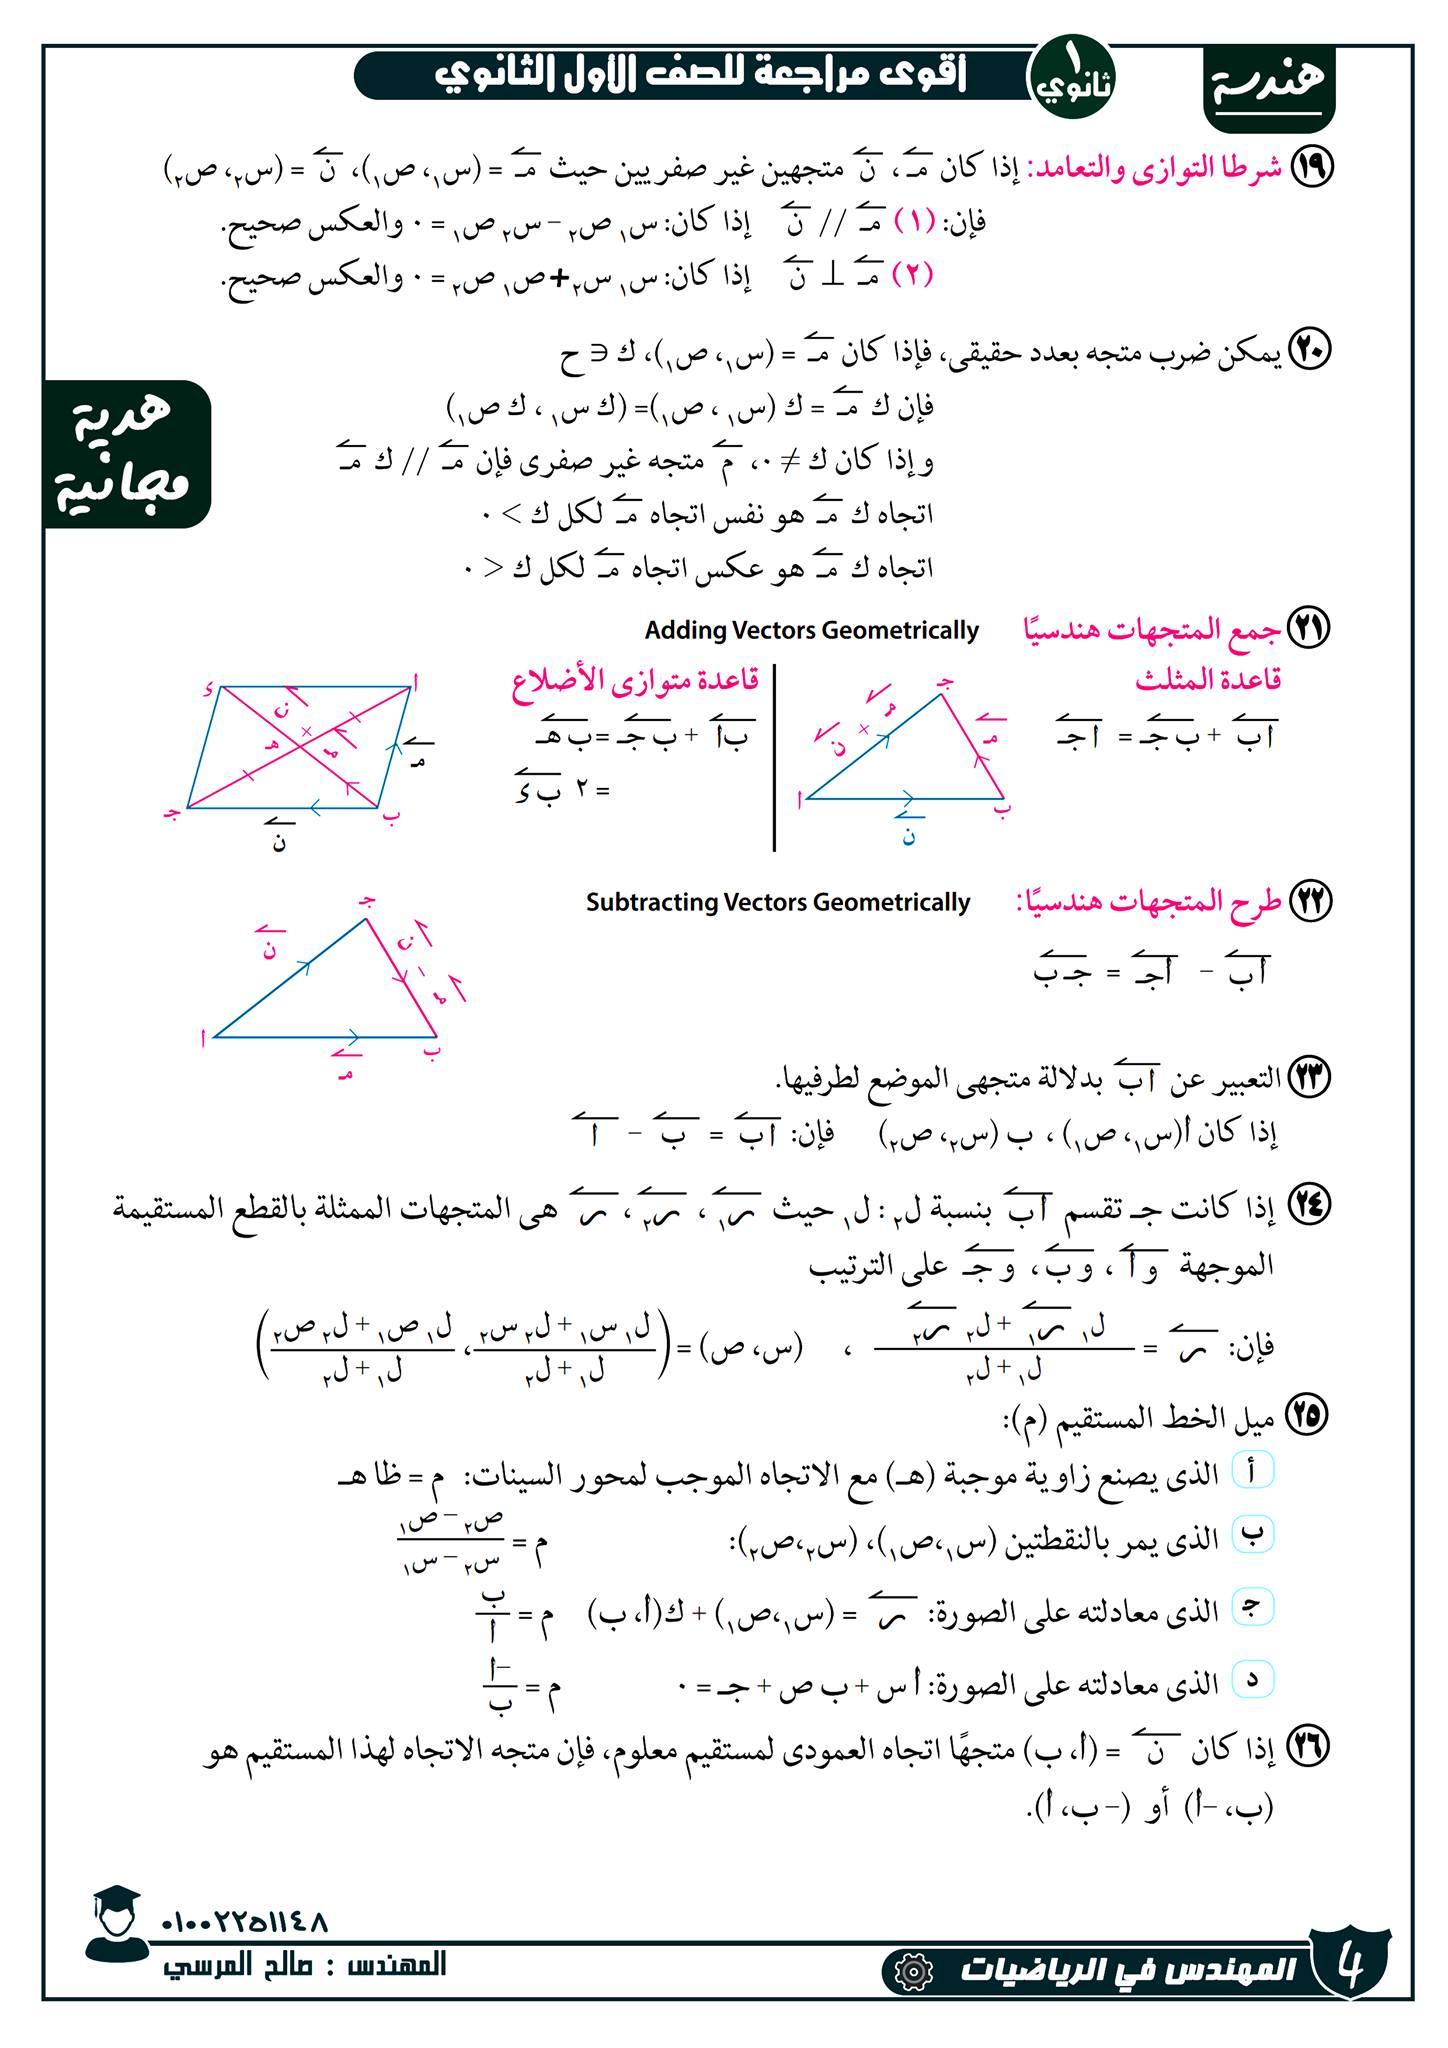 مراجعة ليلة الامتحان رياضيات للصف الأول الثانوي ترم ثاني.. ملخص كامل متكامل للقوانين و حل النماذج الاسترشادية 5